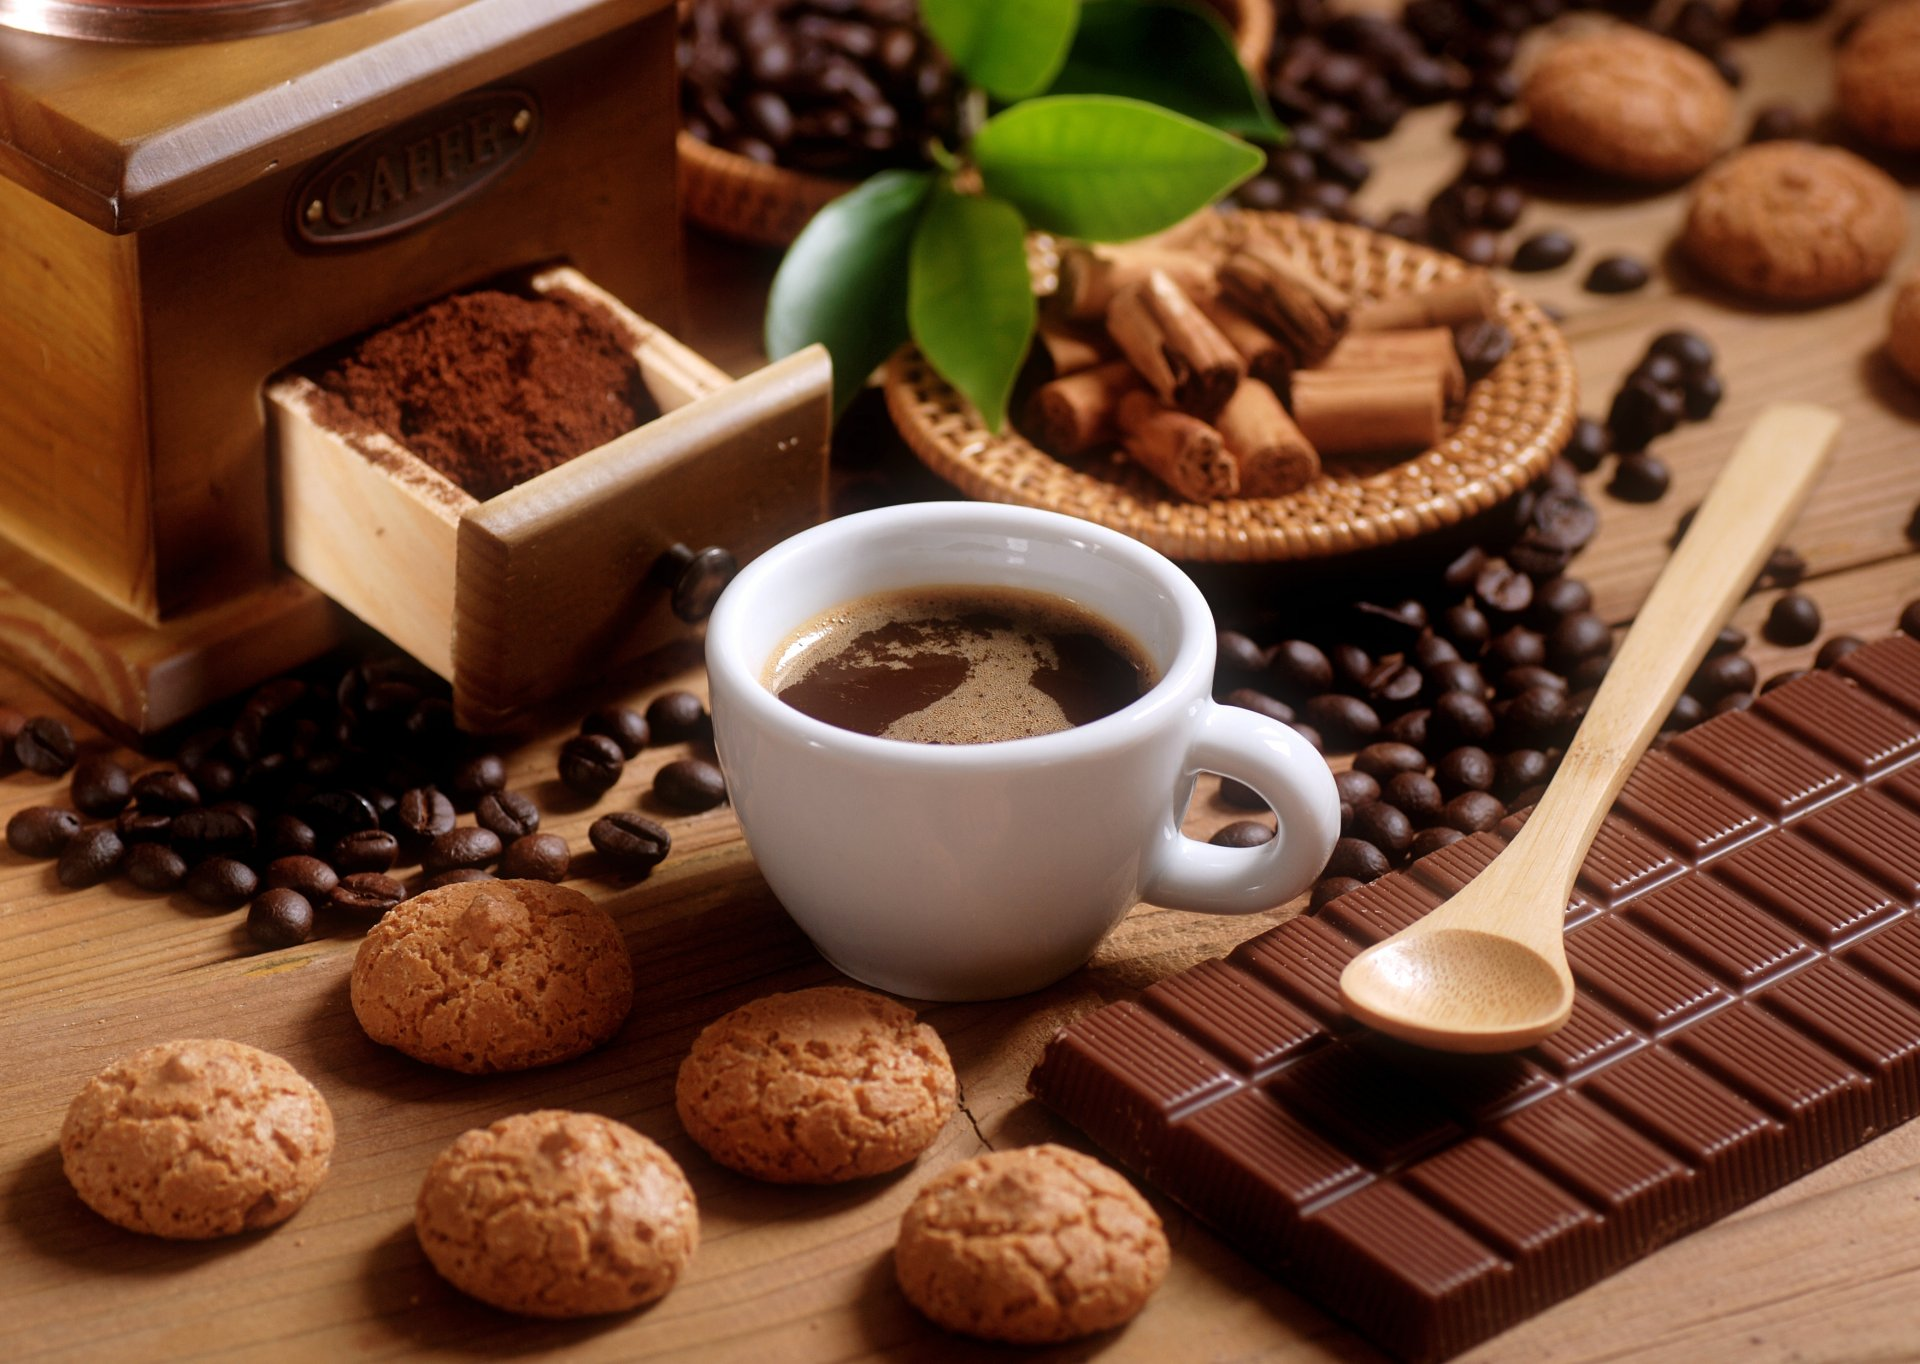 фото на тему кофе откладывают